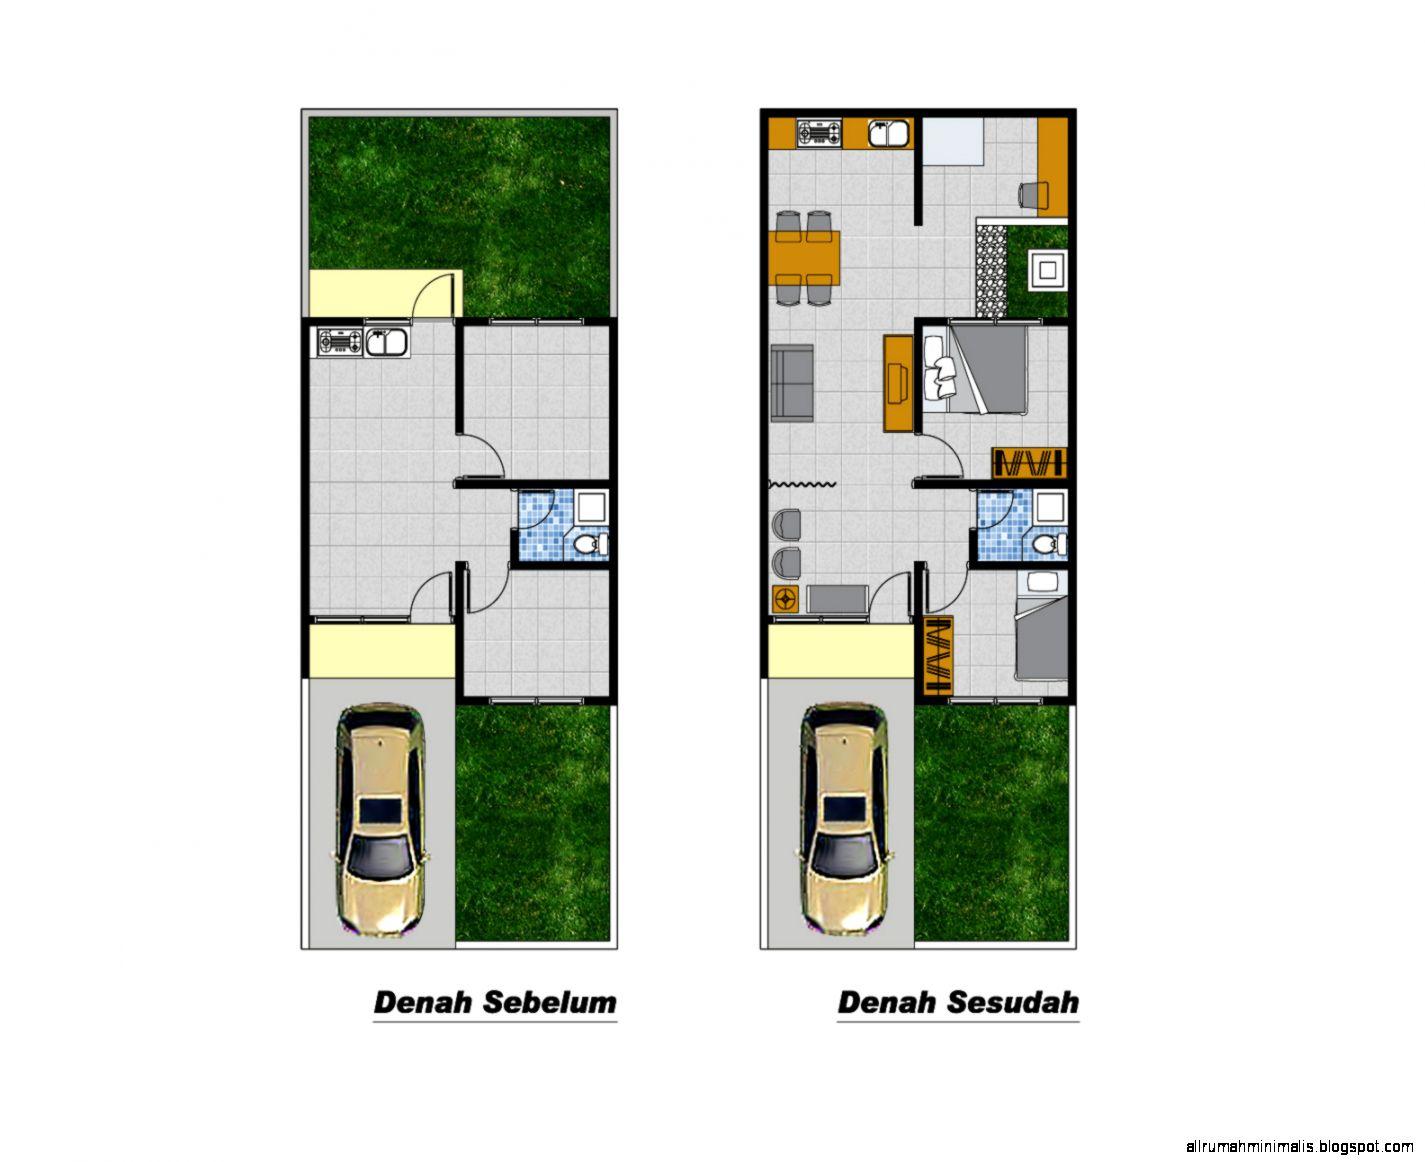 5 Cara Desain Rumah Minimalis Type 36 Yang Cantik  Desain Rumah